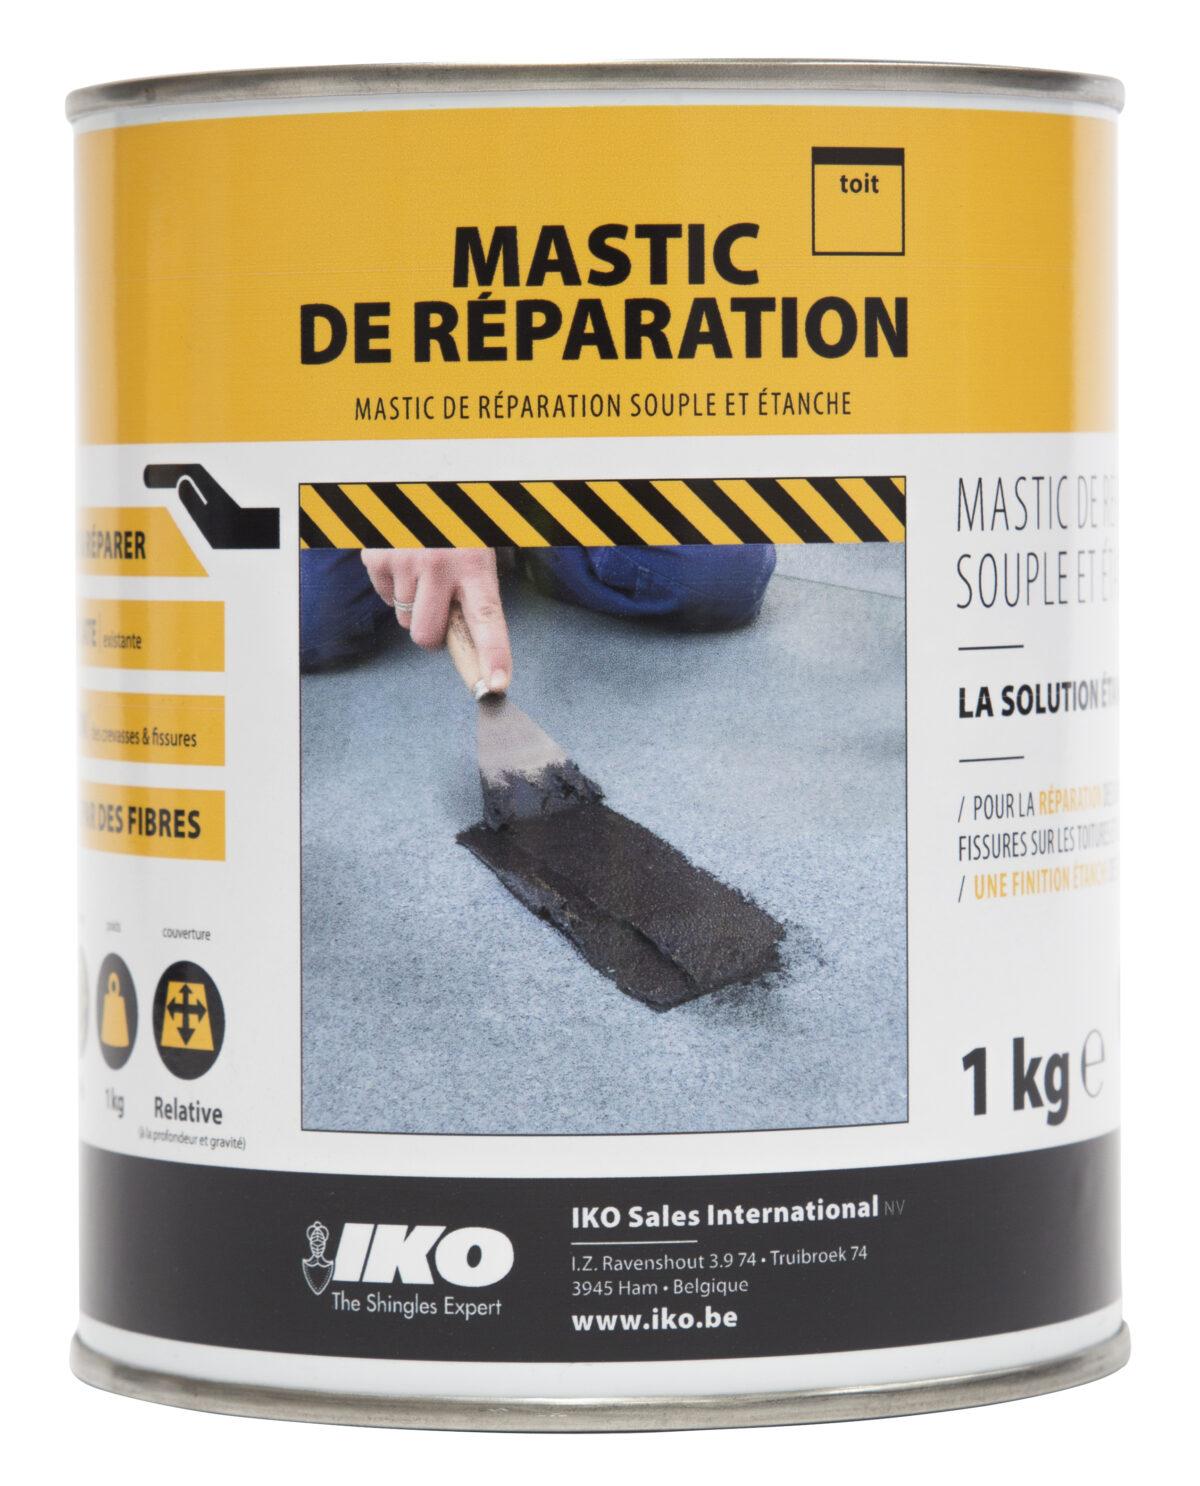 Mastic de réparation